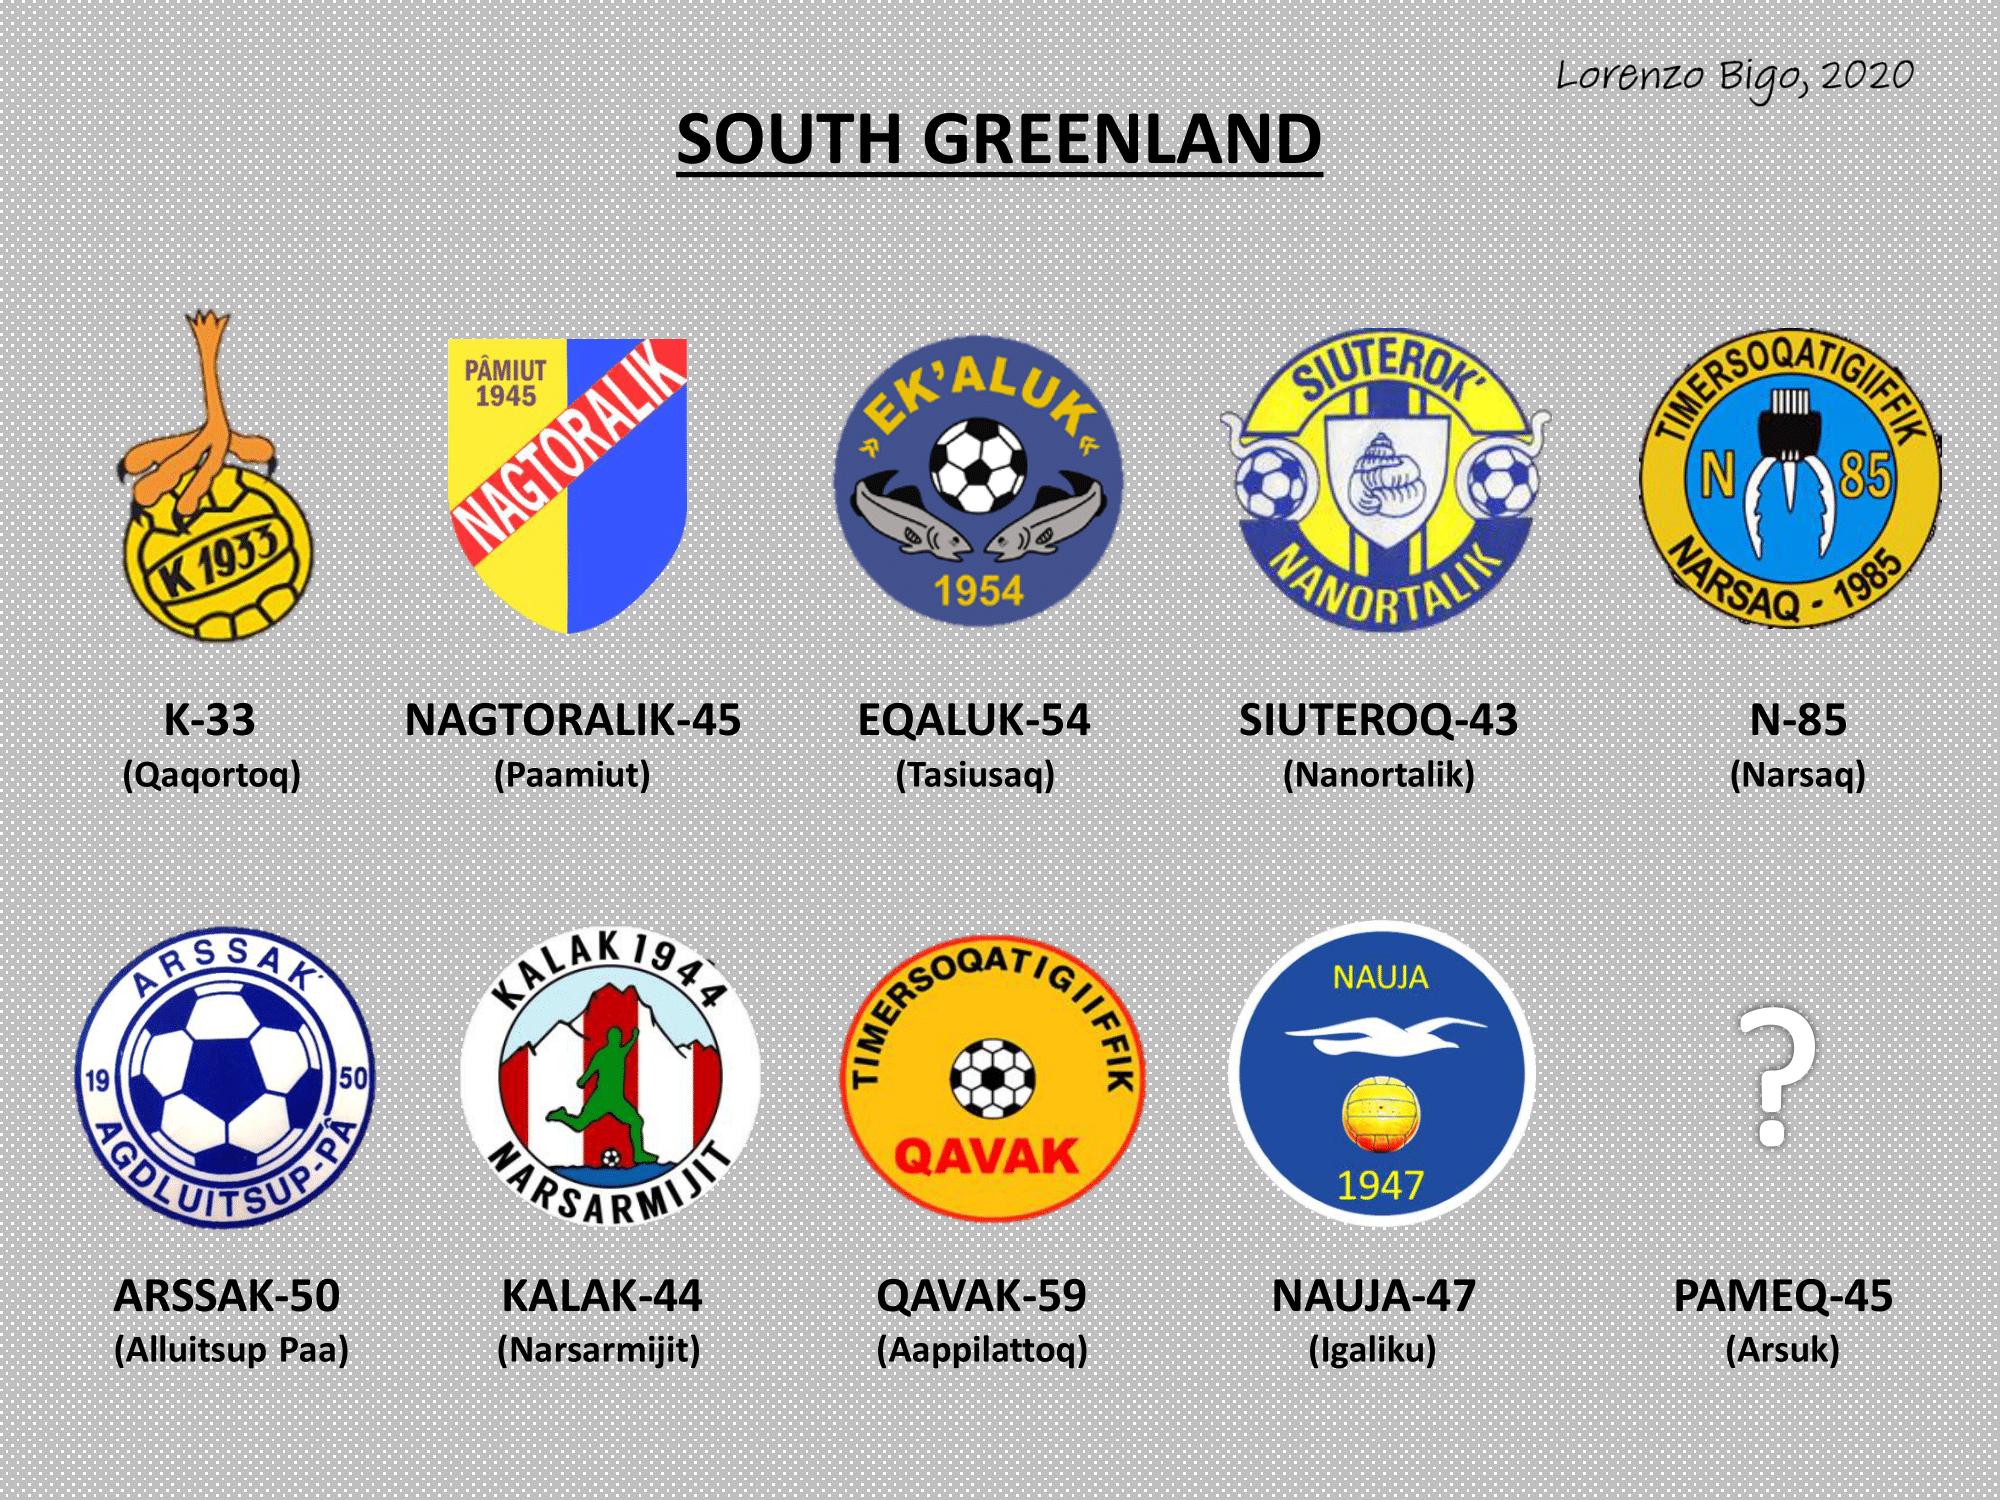 Самое короткое футбольное соревнование в мире: в Гренландии сезон длится одну неделю (+Фото, Видео) - изображение 13